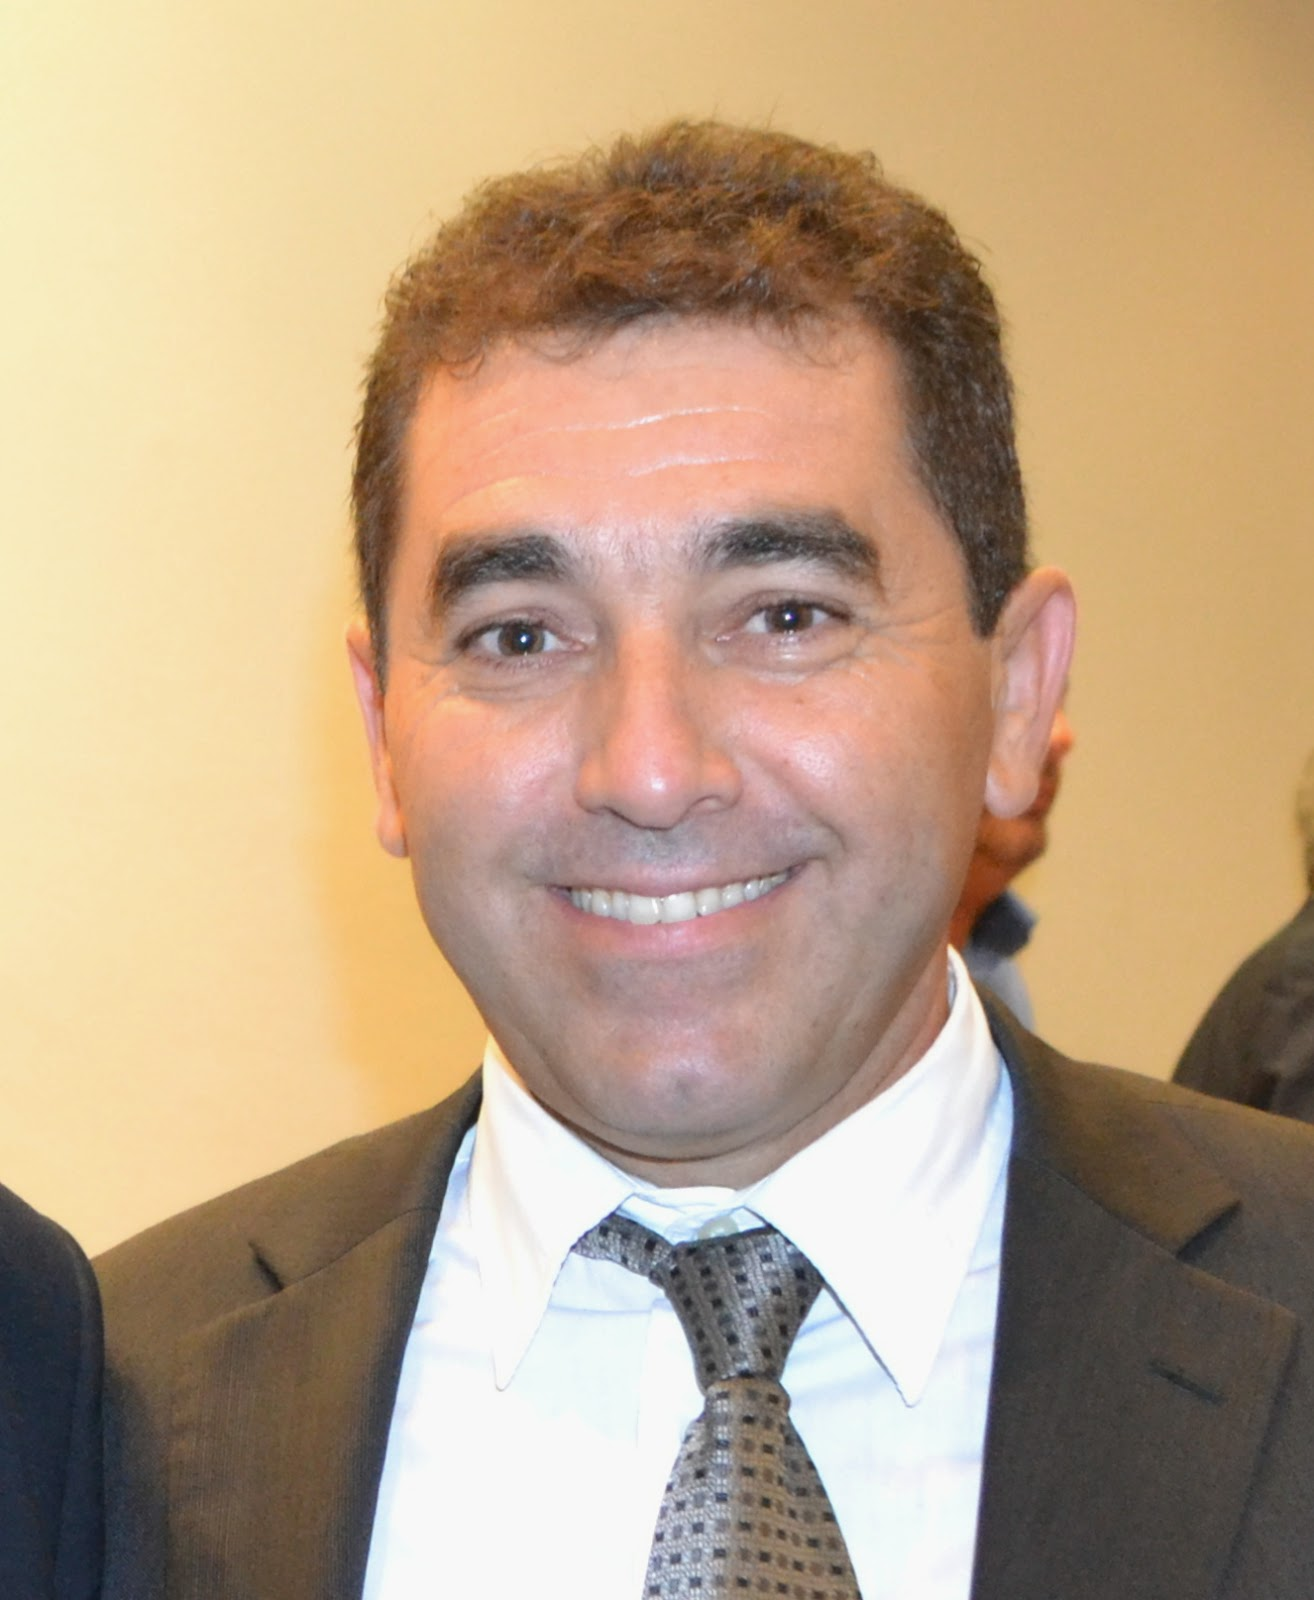 Πρόεδρος στην Επιτροπή του Πάρκου ΤΡΙΤΣΗΣ ο Μαυροειδάκος